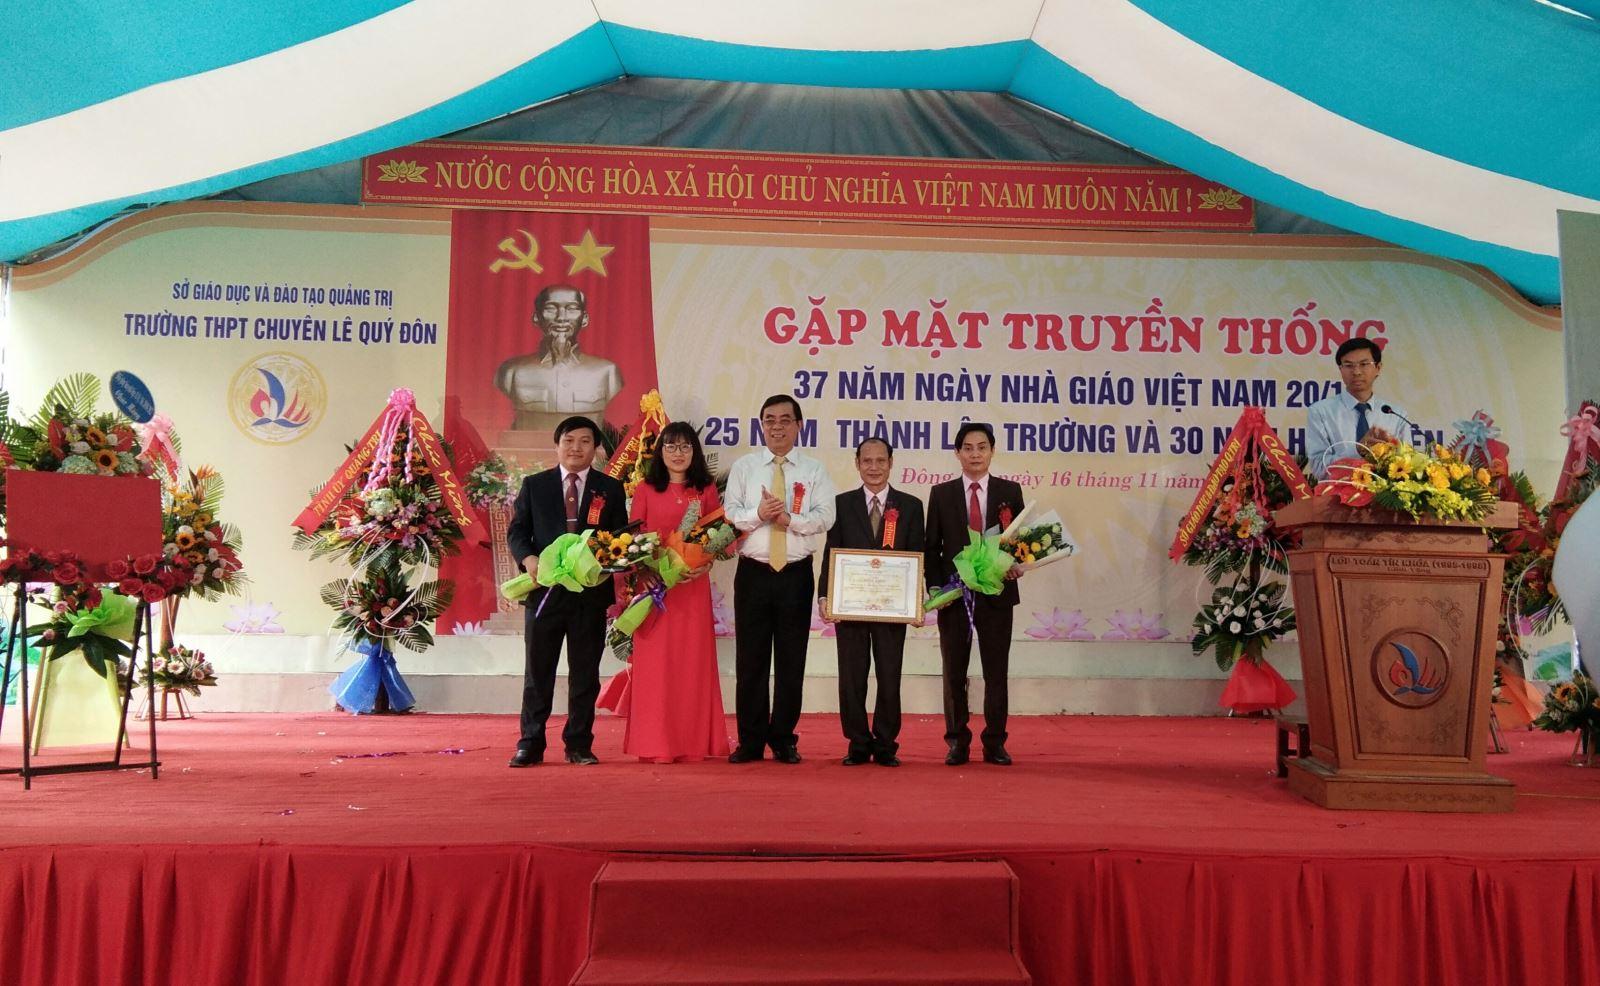 Trường THPT Chuyên Lê Quý Đôn kỷ niệm 25 năm thành lập trường